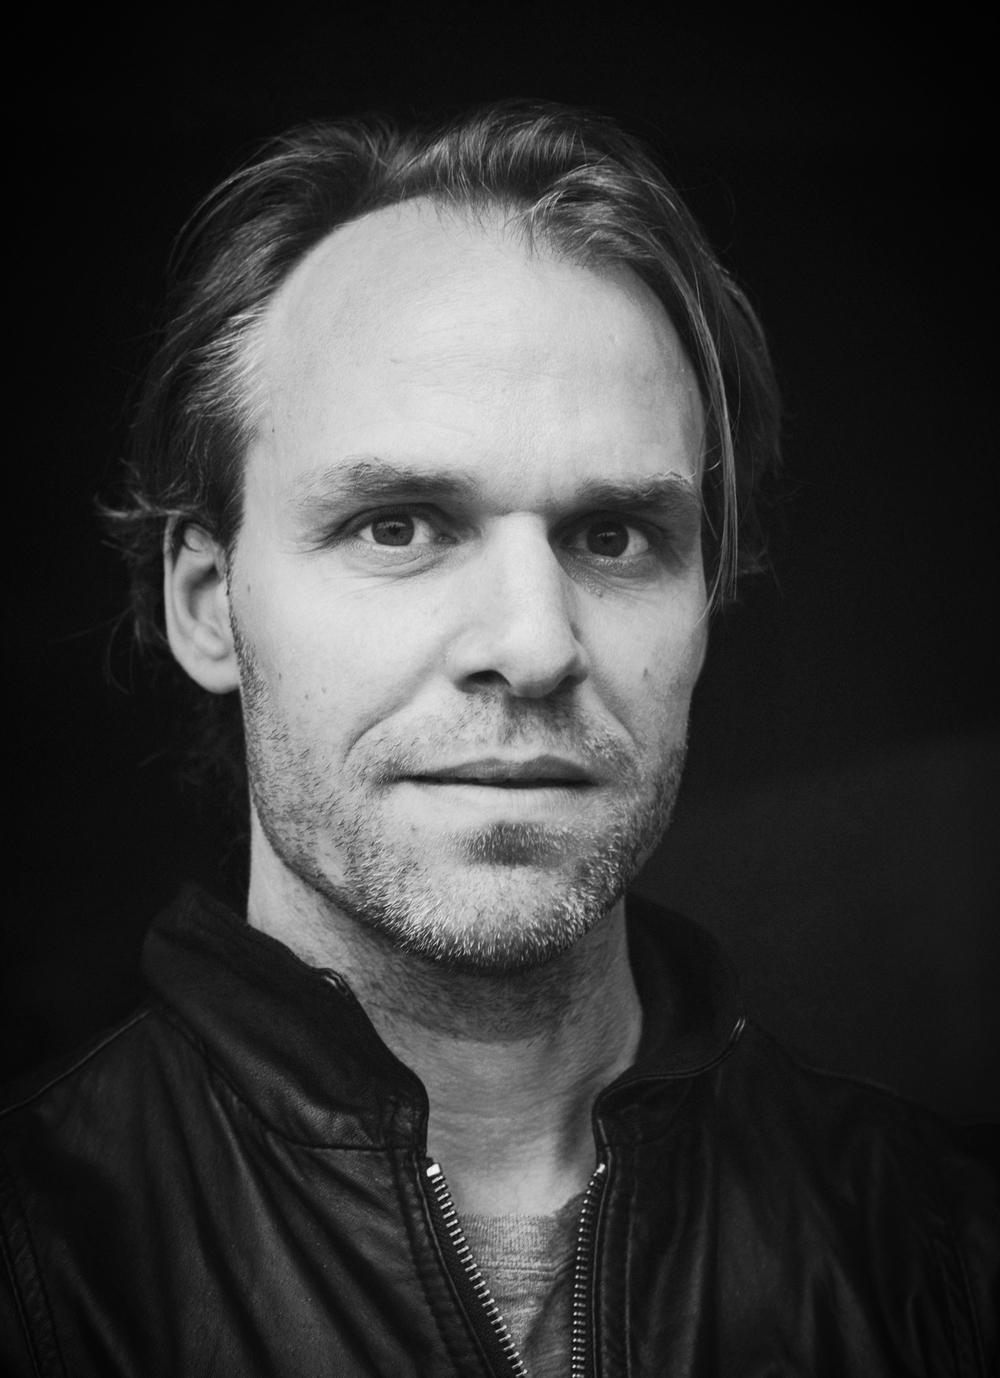 Josef Säterhagen